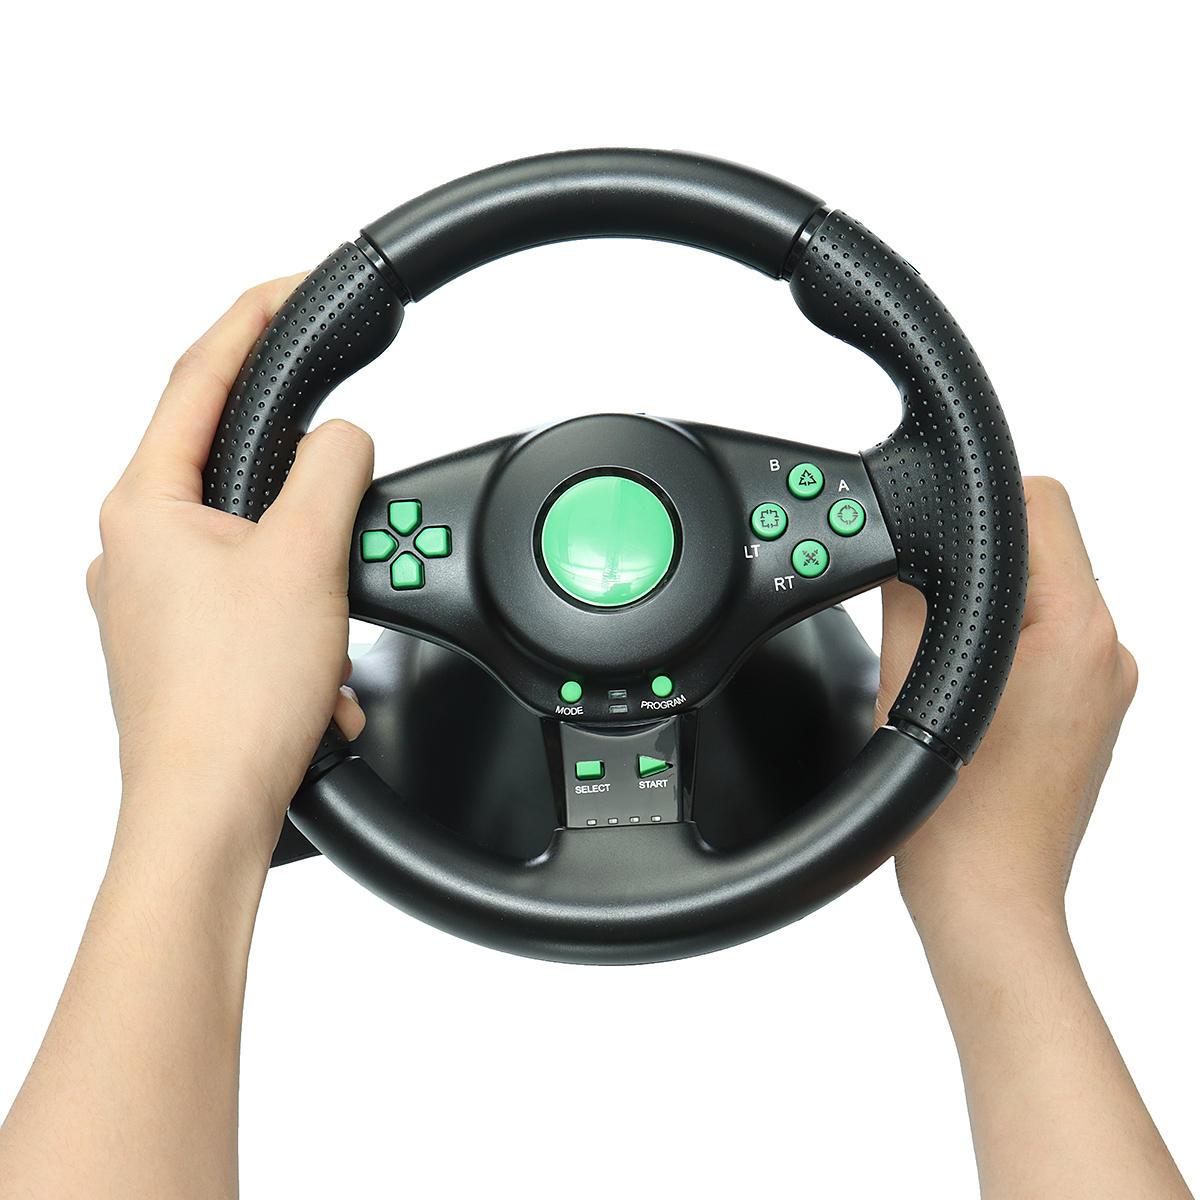 Volant De Jeu De Course Pour Console De Jeu Xbox 360 Ps2 Pour Ps3 Volant De  Voiture Pour Voiture Avec Vibrations Pc intérieur Jeux De Voiture Au Volant